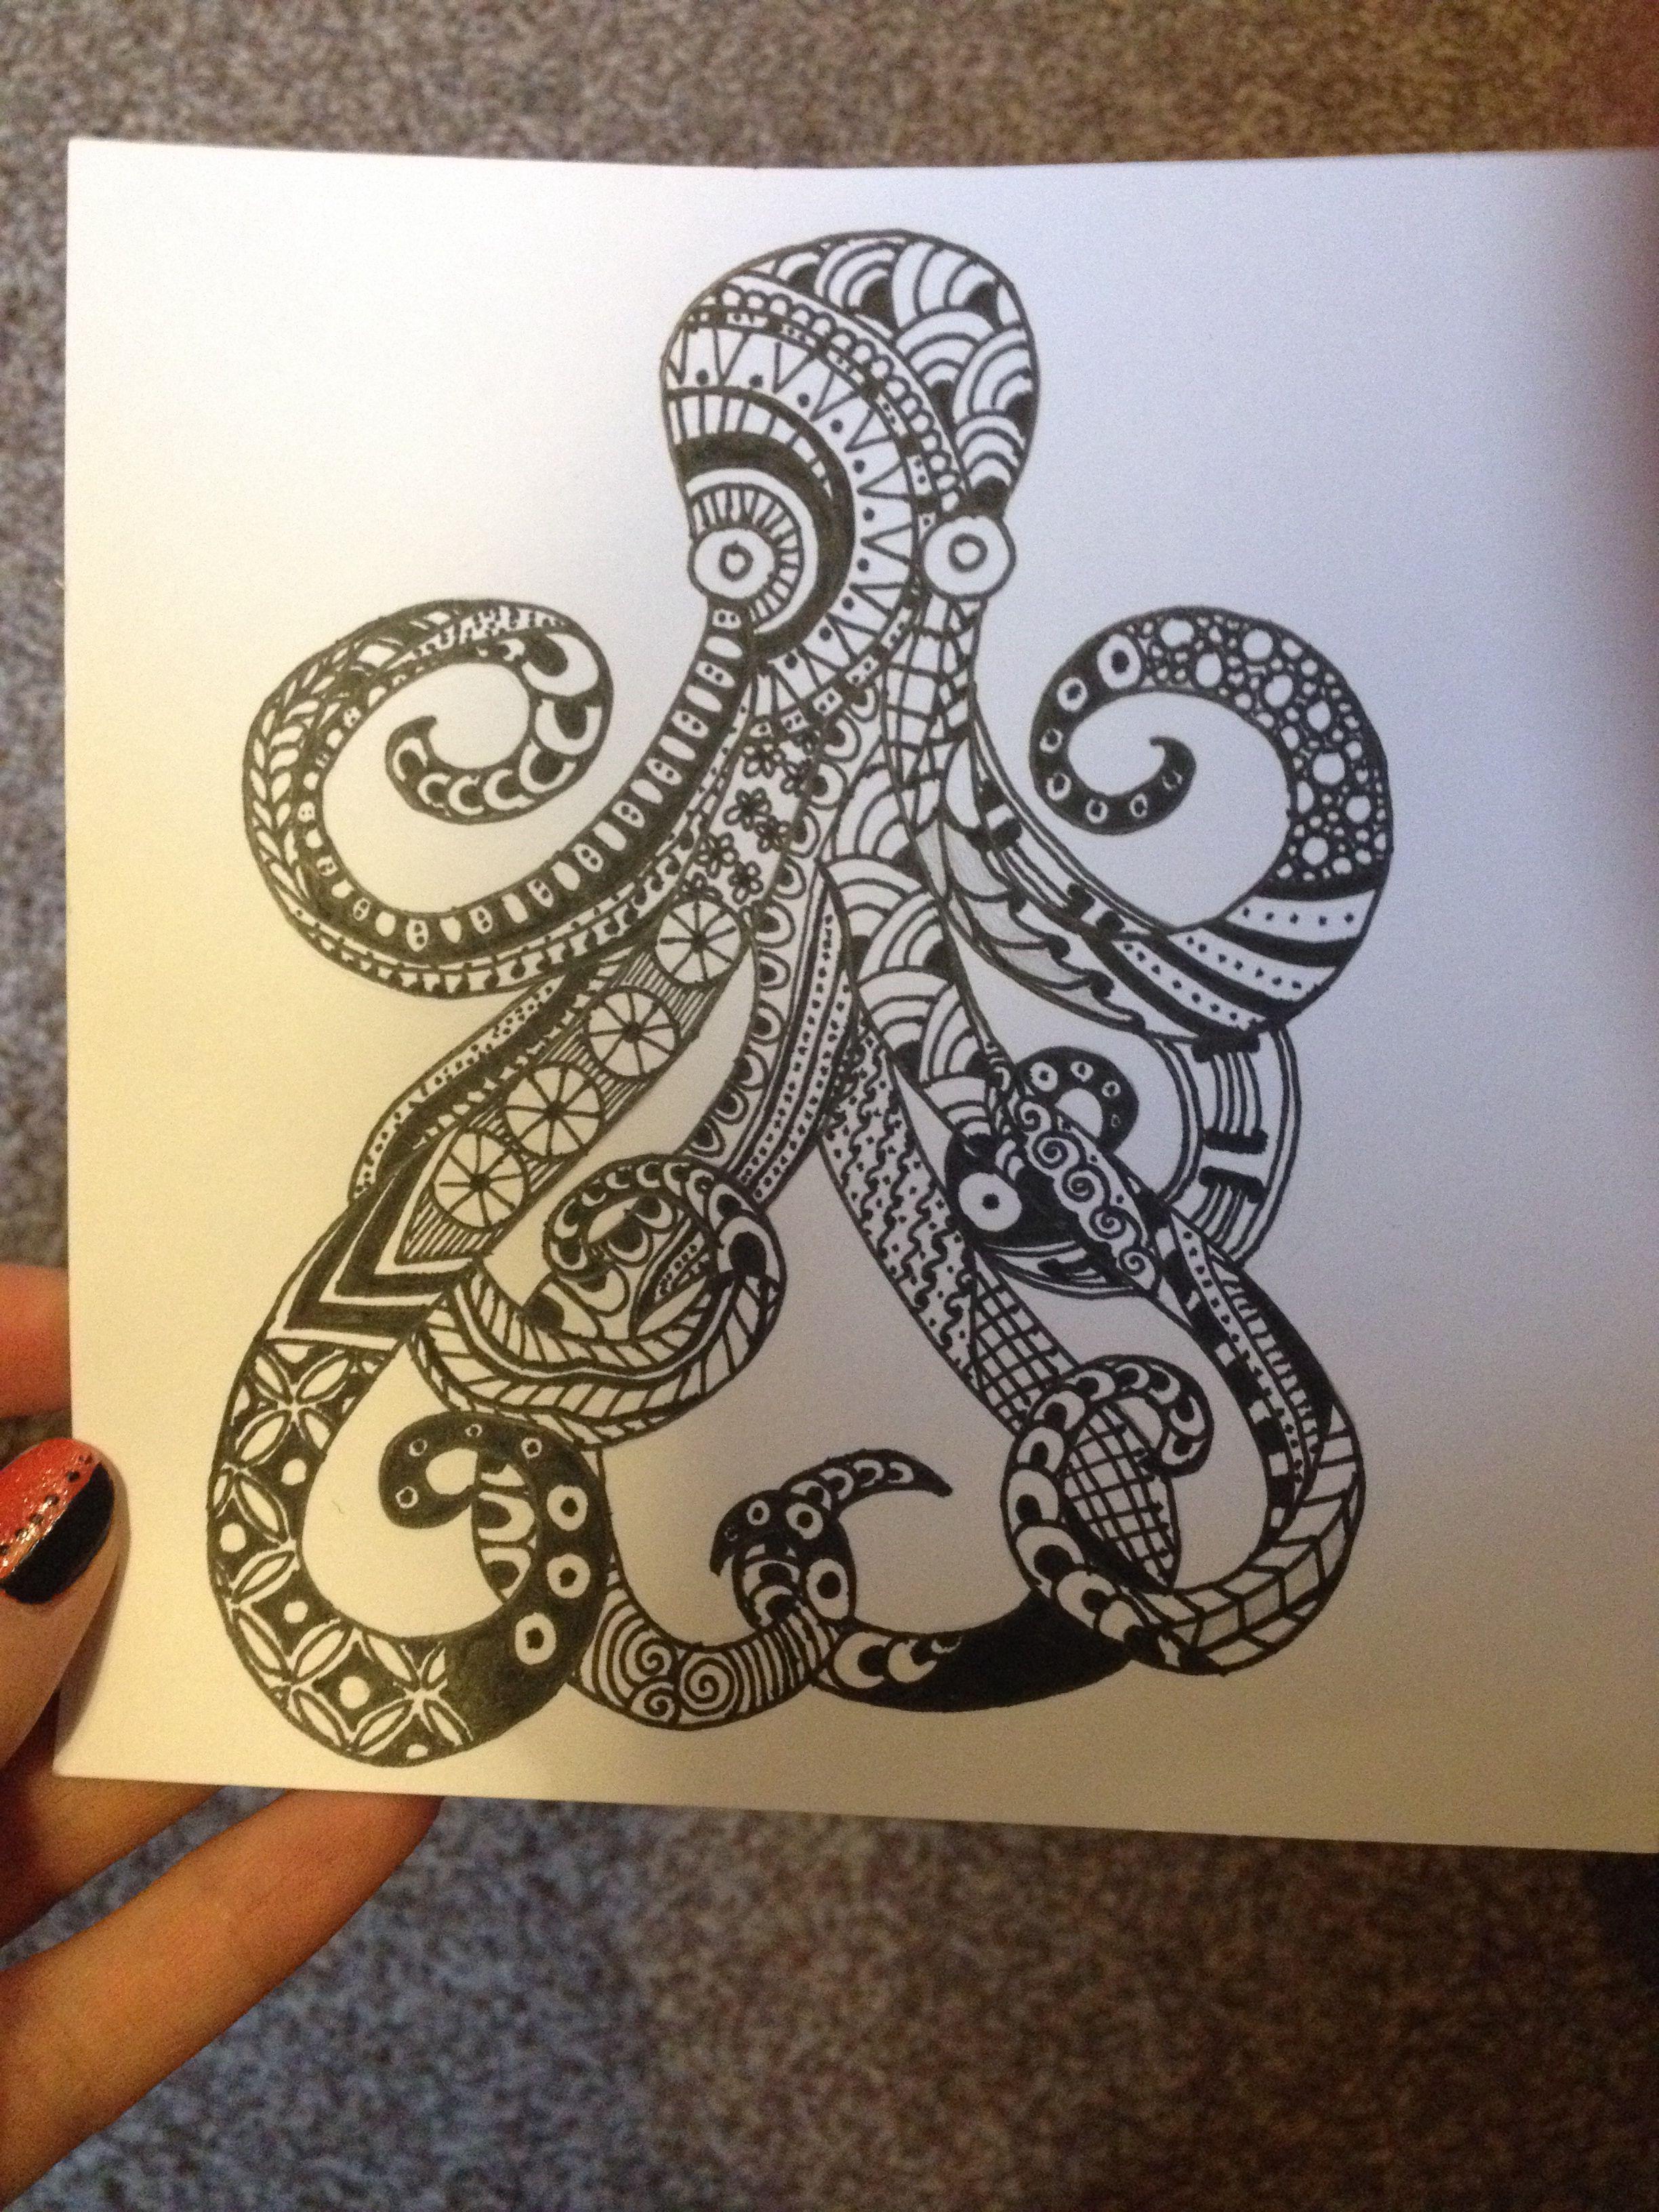 my zentangle octopus zentangle designs pinterest doodles zentangles and doodles zentangles. Black Bedroom Furniture Sets. Home Design Ideas